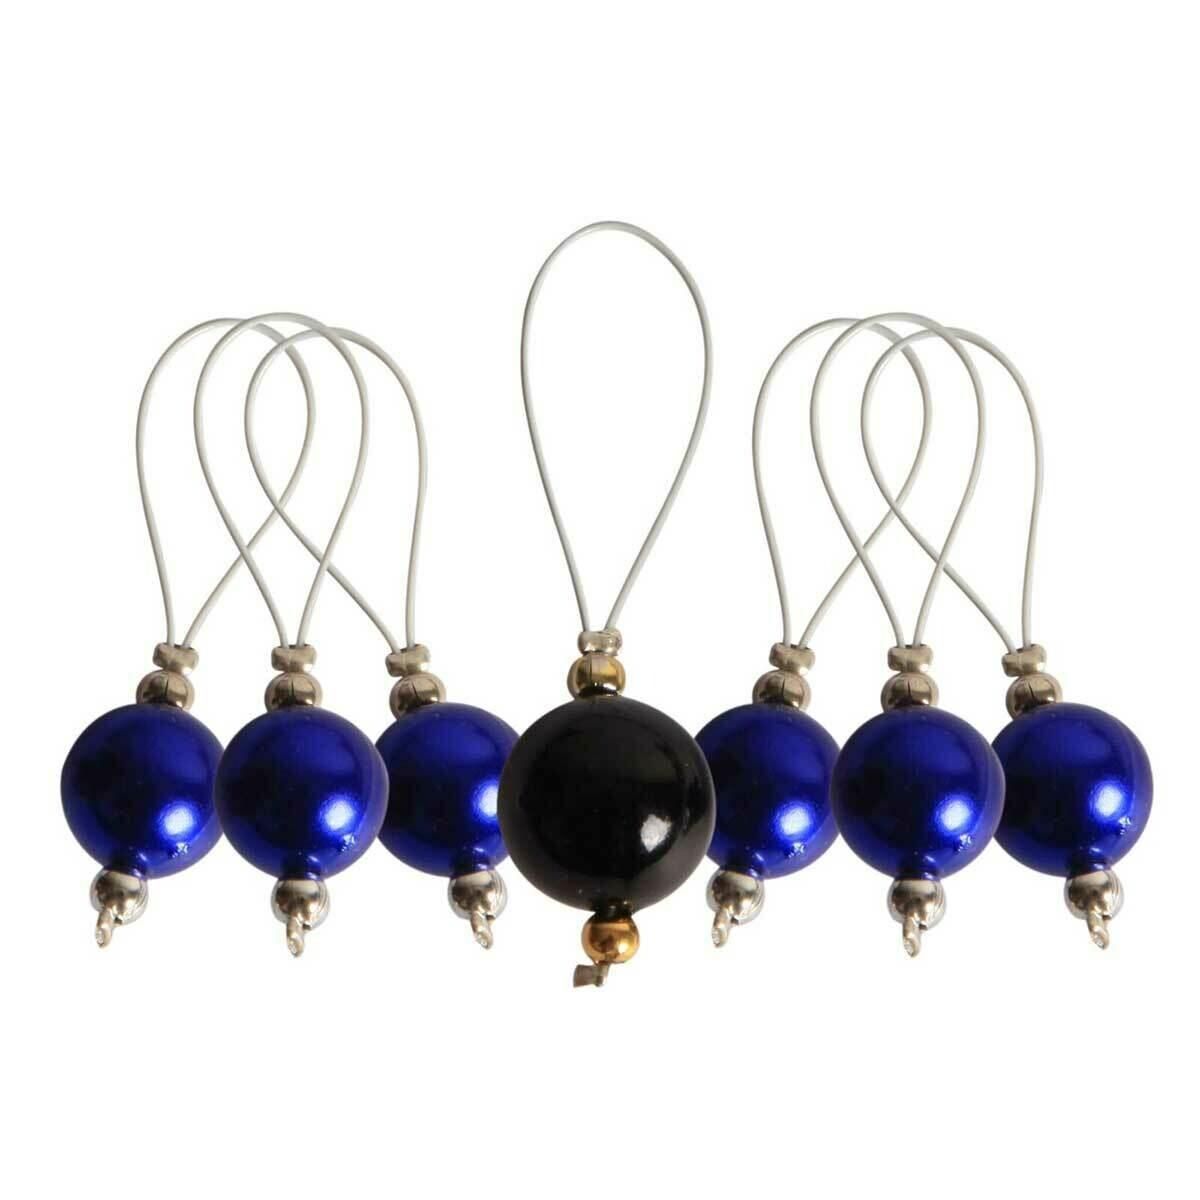 Маркер для вязания Bluebell (колокольчик) пластик, 7шт, Knit Pro